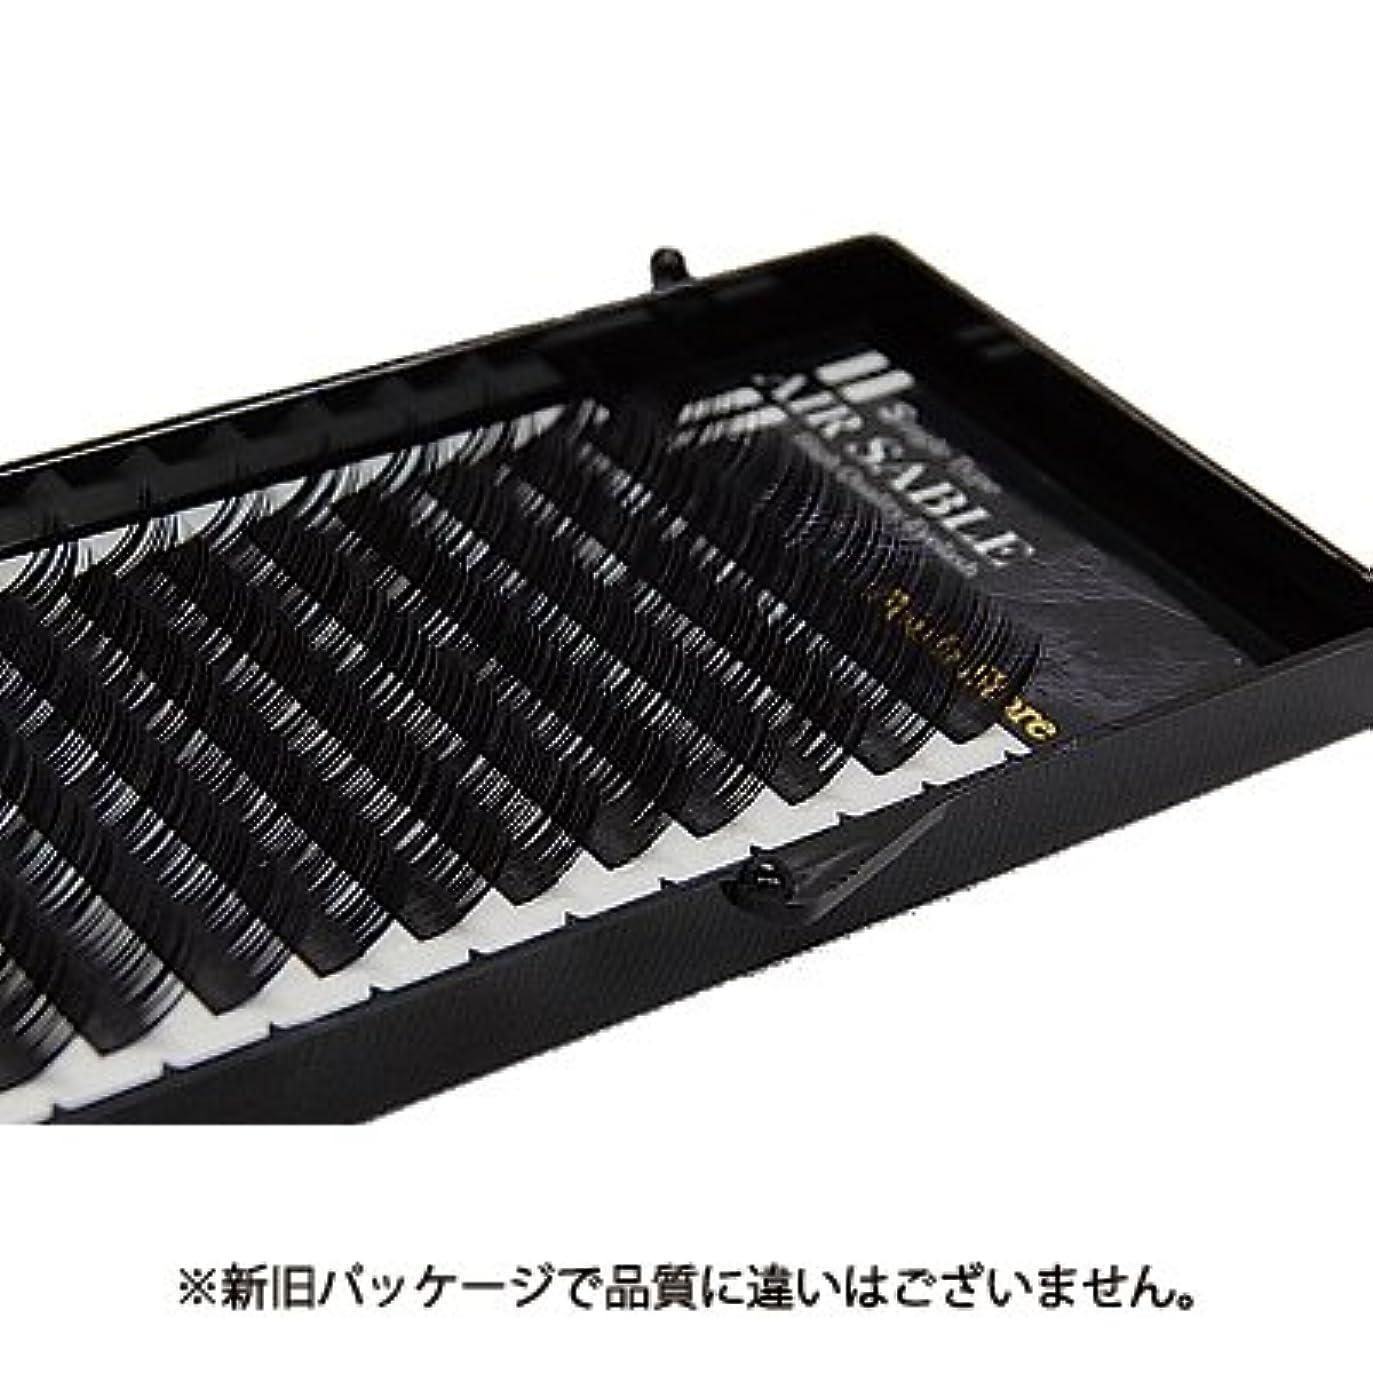 望みインストラクター恨み【フーラ】エアーセーブル シート 12列 Cカール 9mm×0.15mm